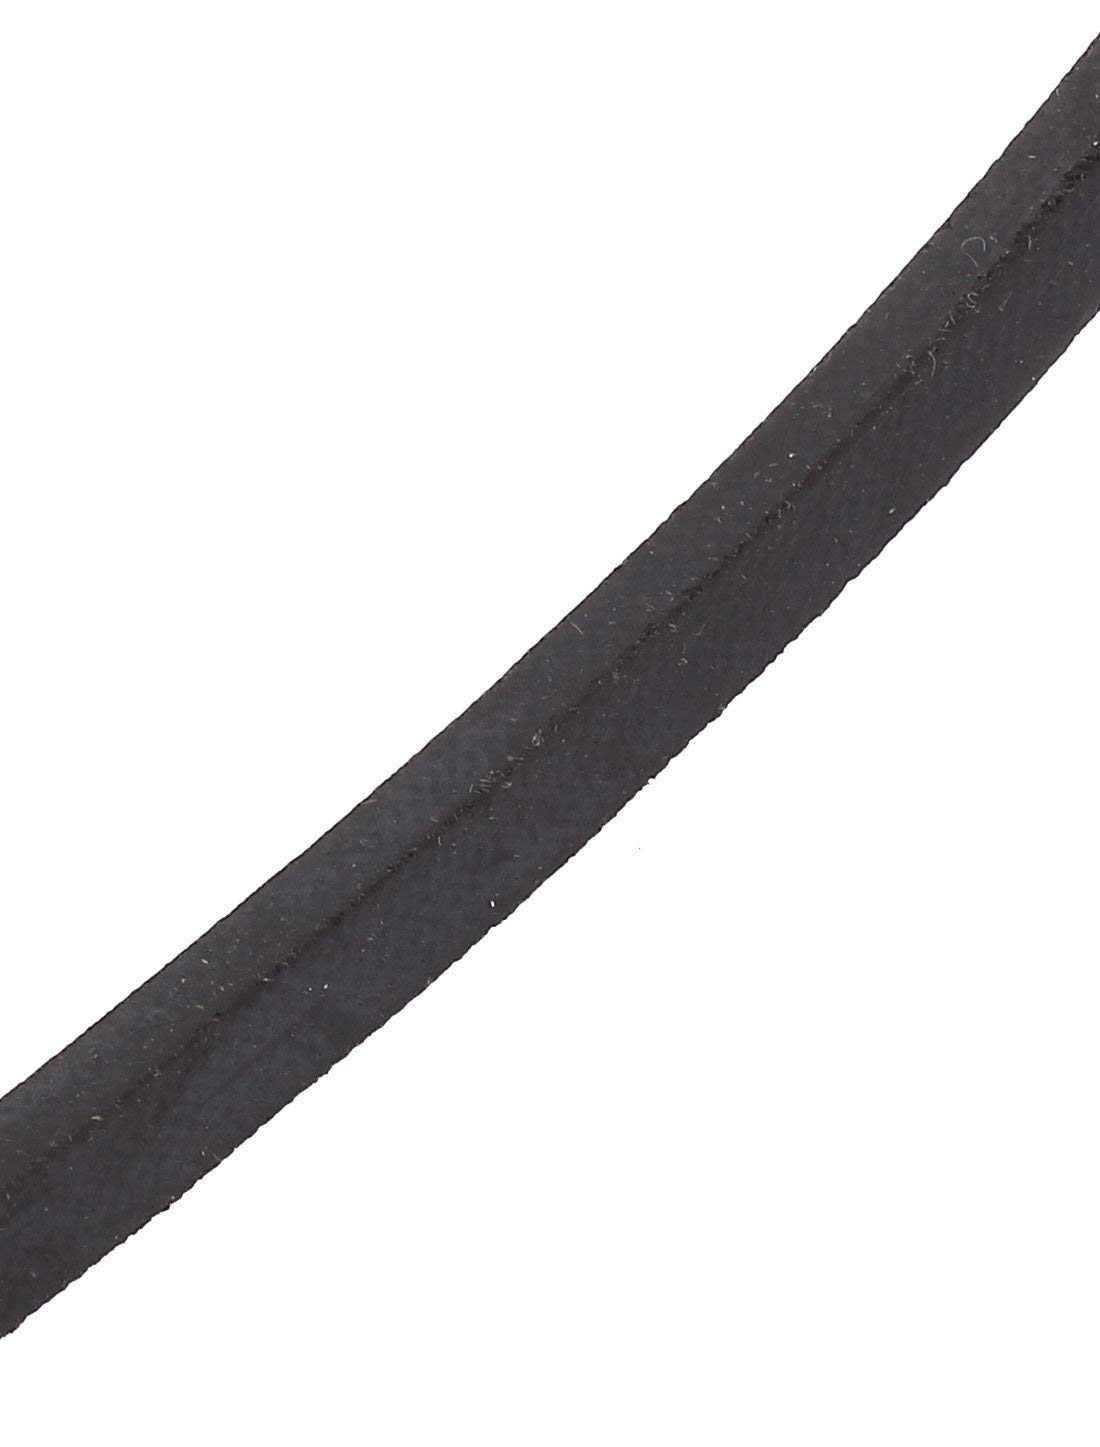 Rubber K Type K26 Machine Transmission Drive V Belt Black